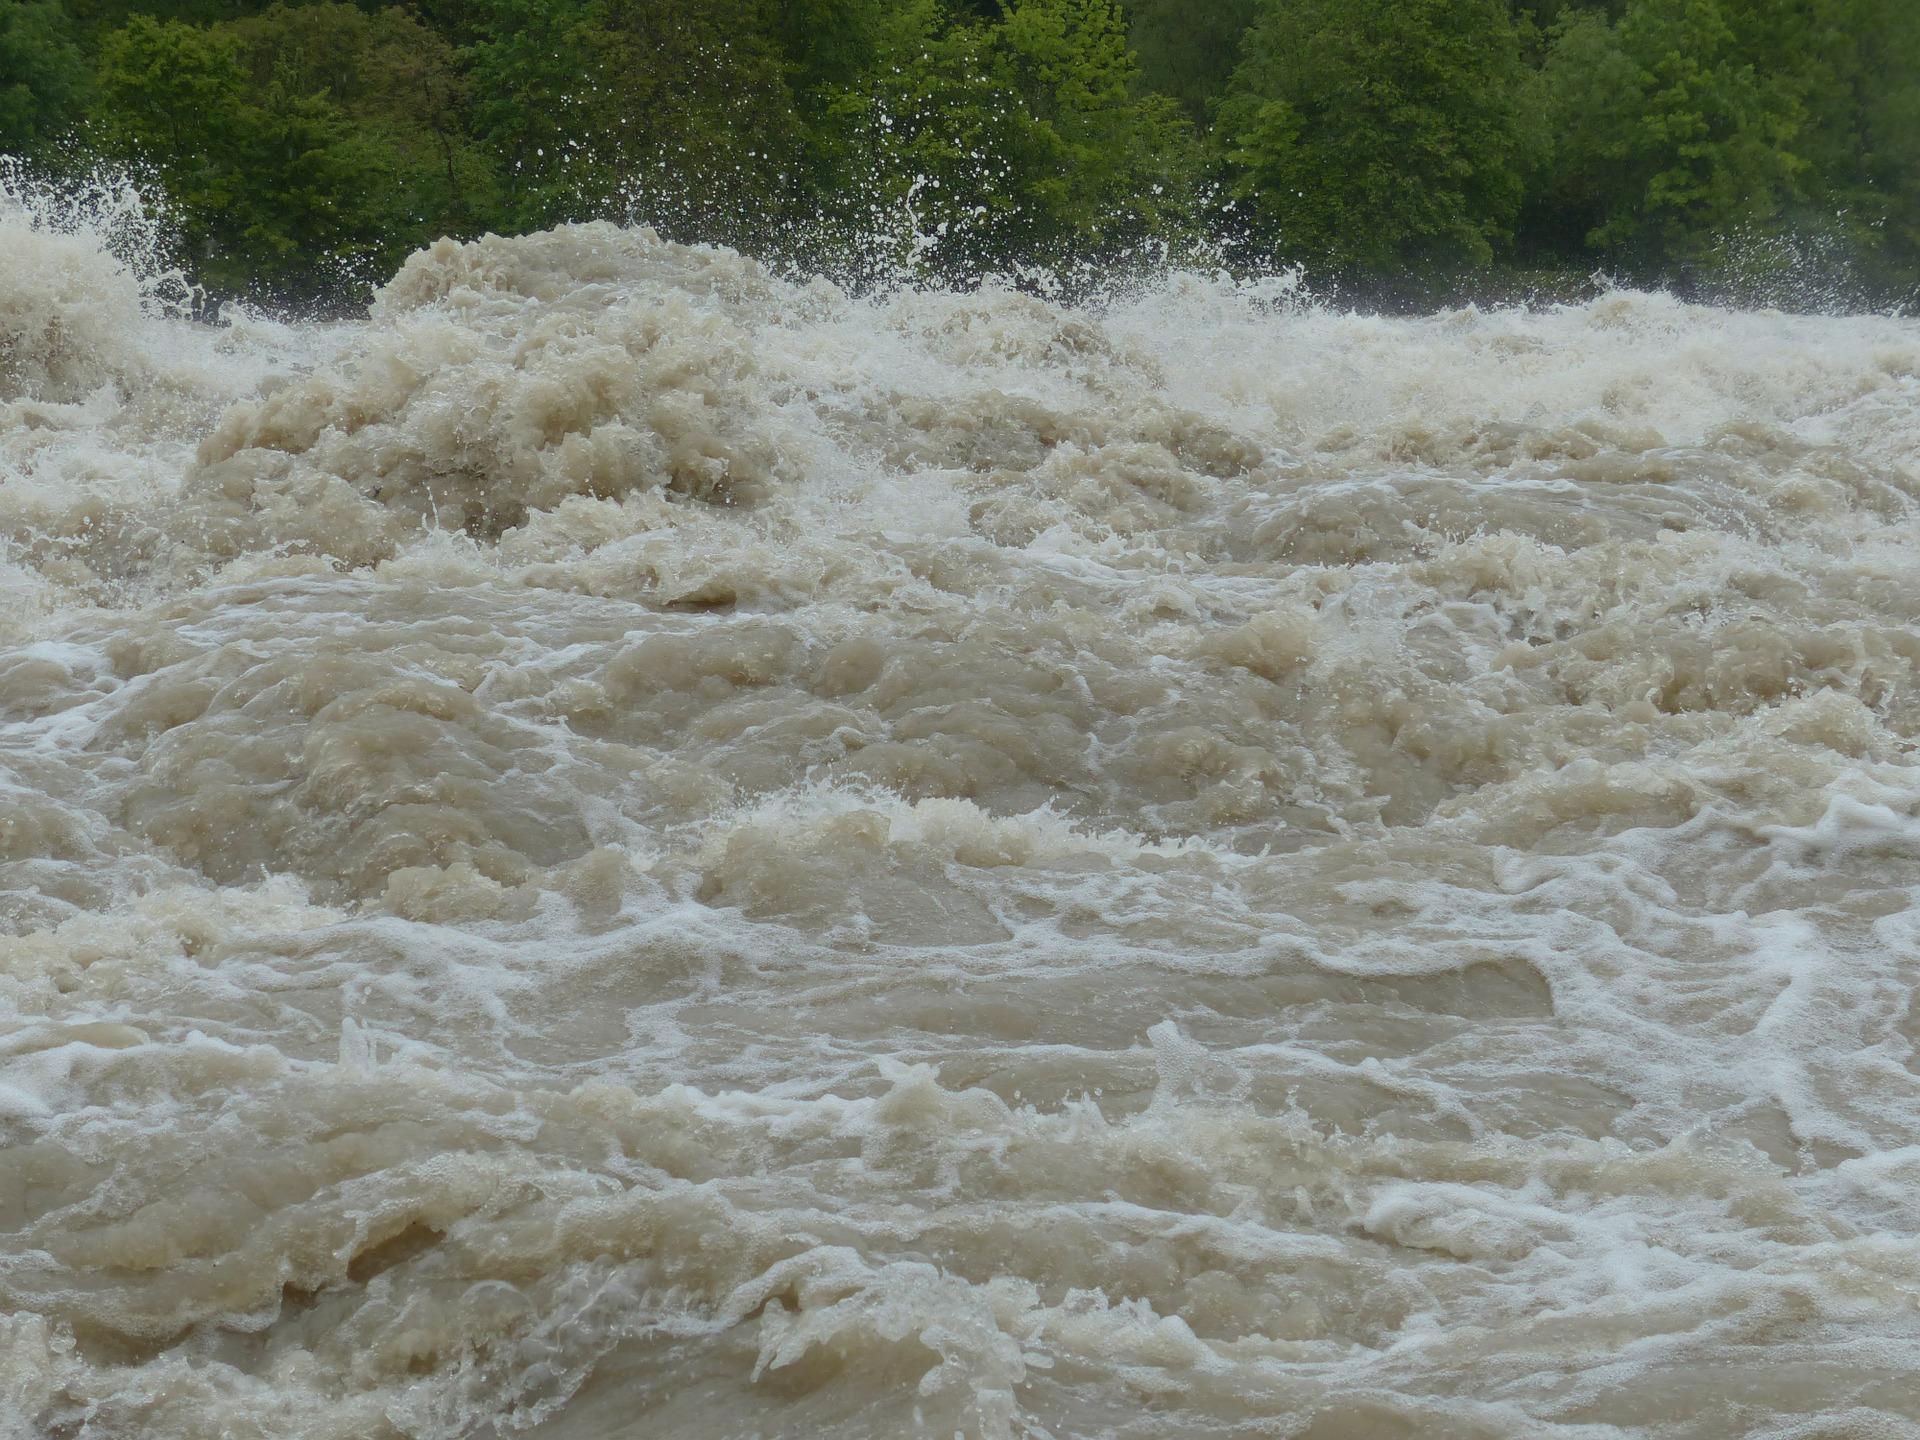 Powodzie w zachodniej części Ukrainy. Ponad 500 budynków pod wodą.